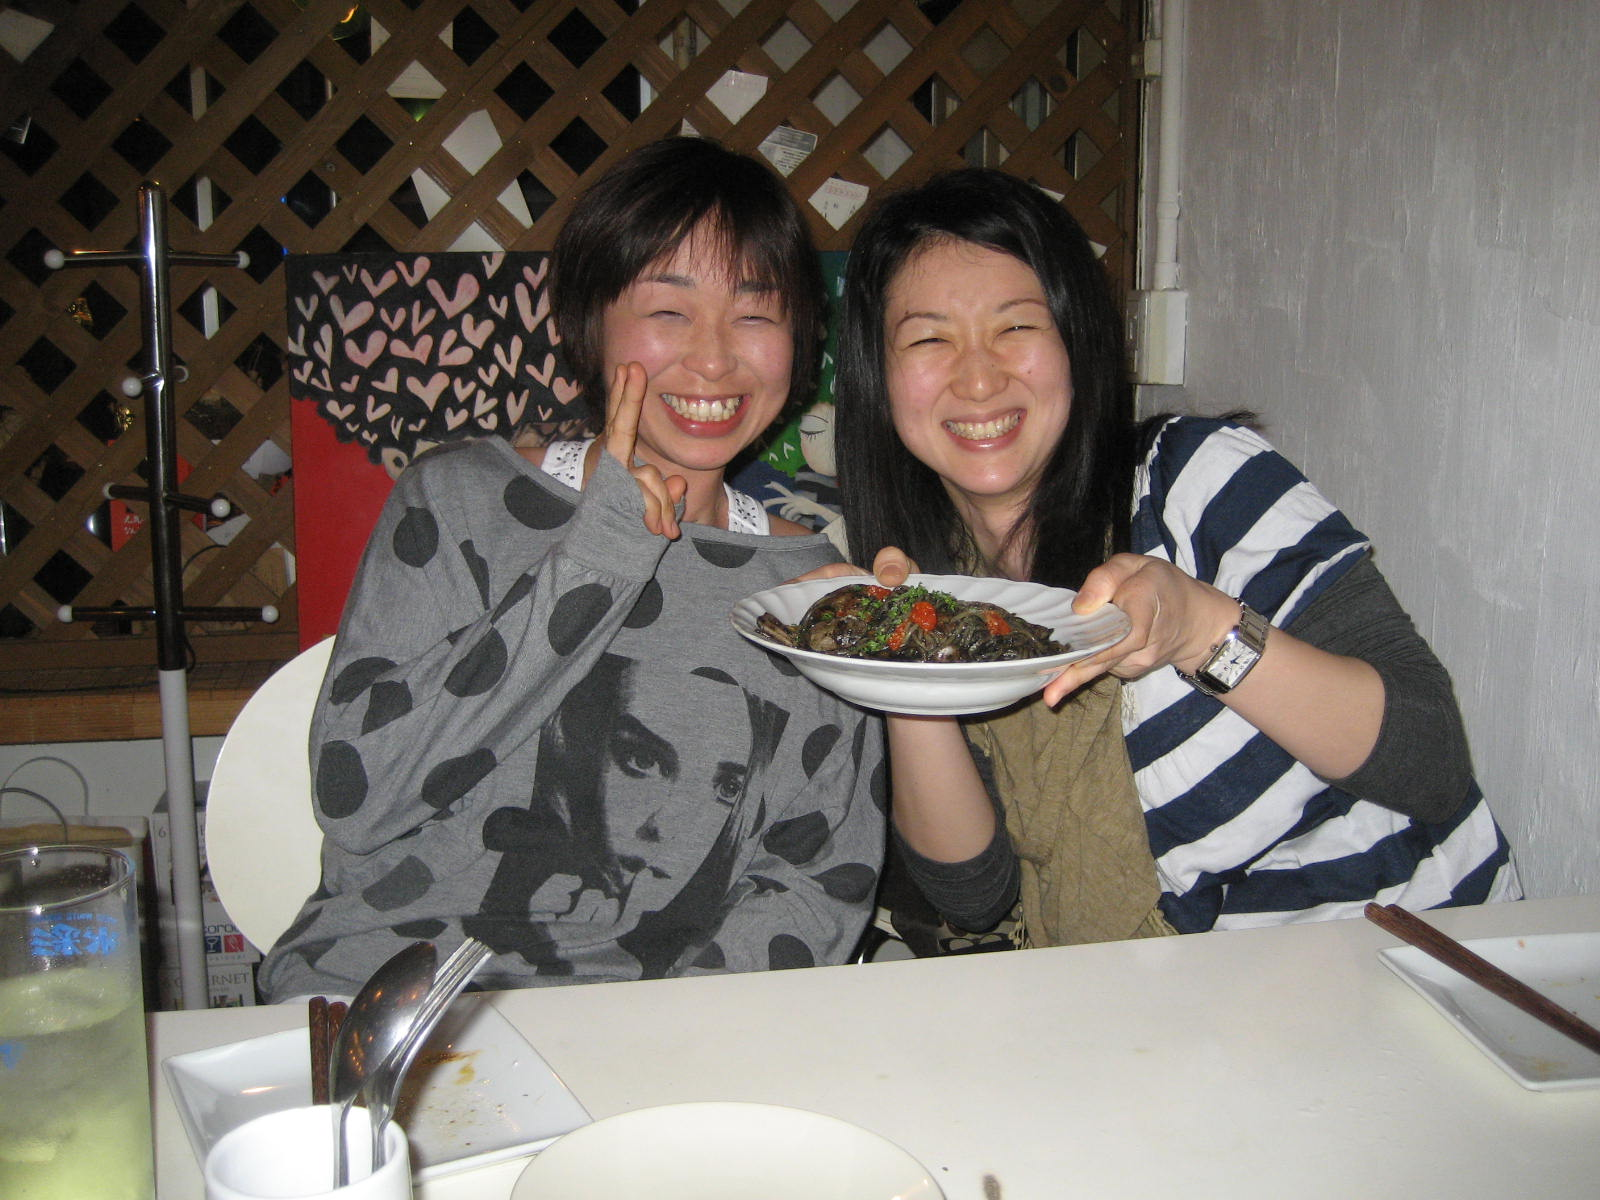 歓迎会 | 不妊|鍼灸|大阪|卵子の質|鍼灸治療は三ツ川レディース鍼灸院